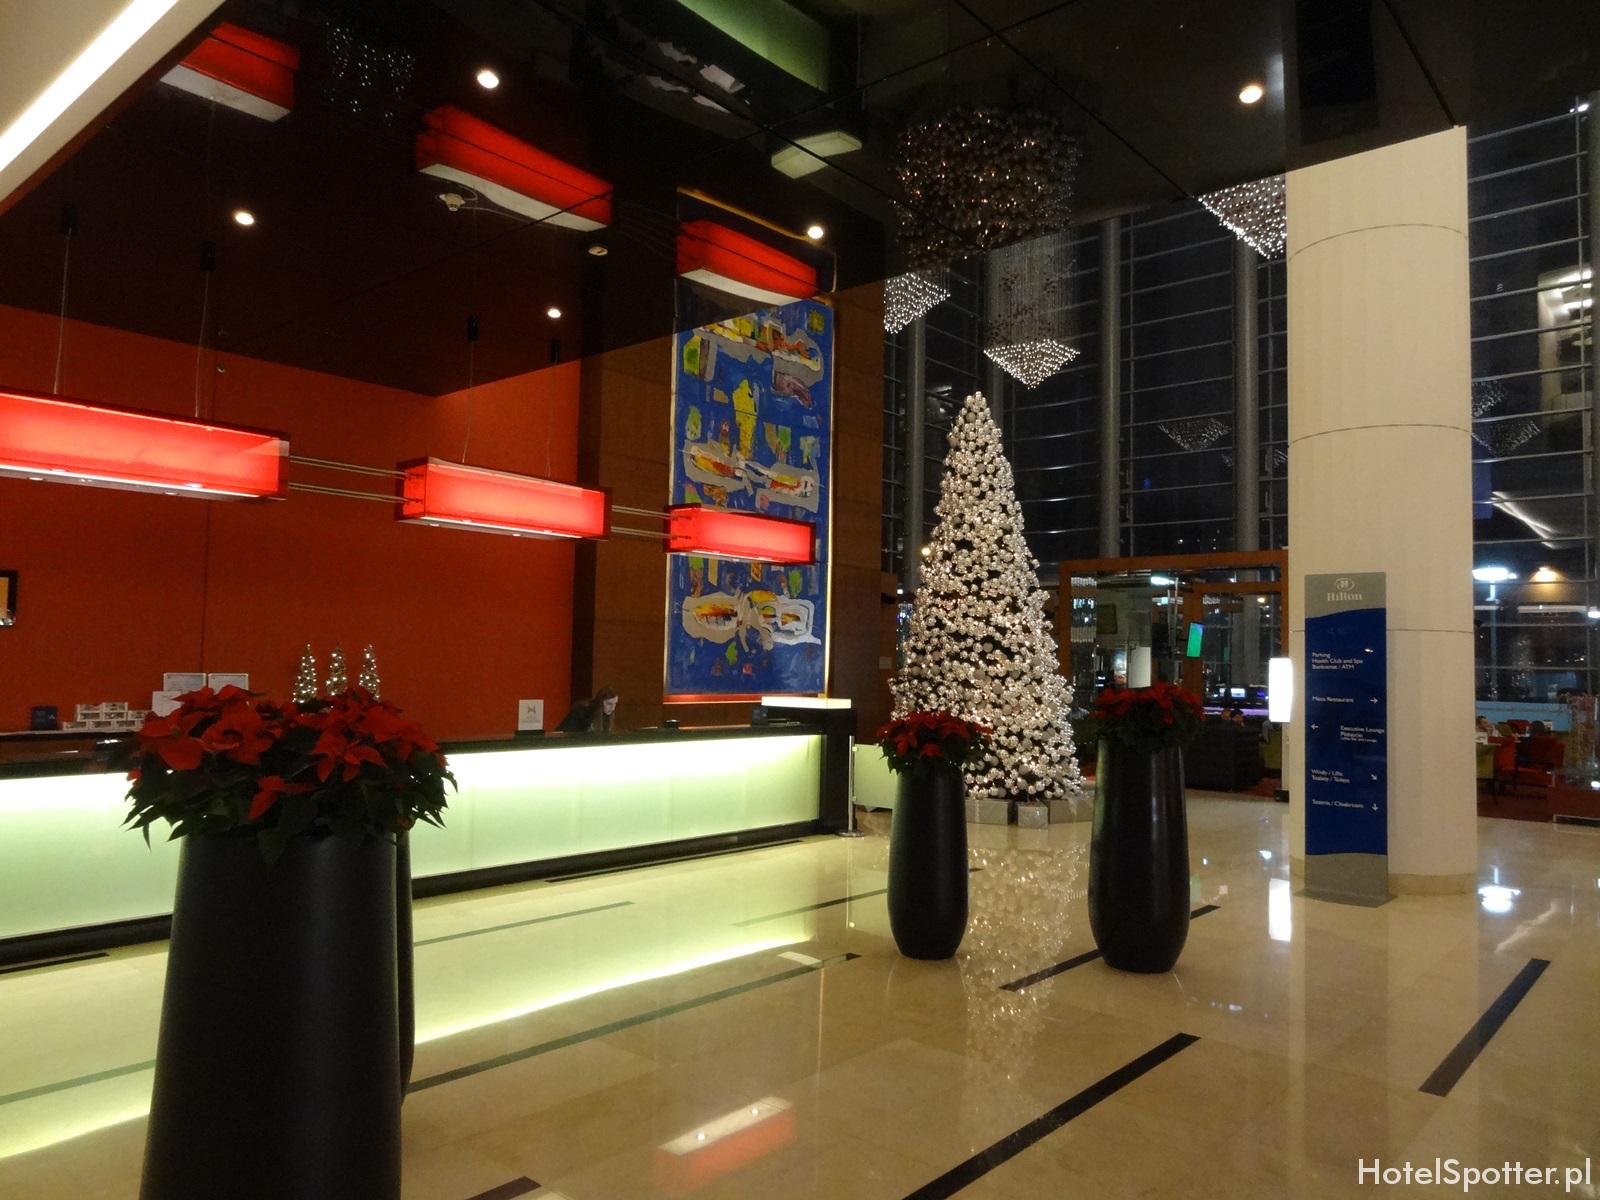 Hilton Warsaw Hotel - choinka w lobby